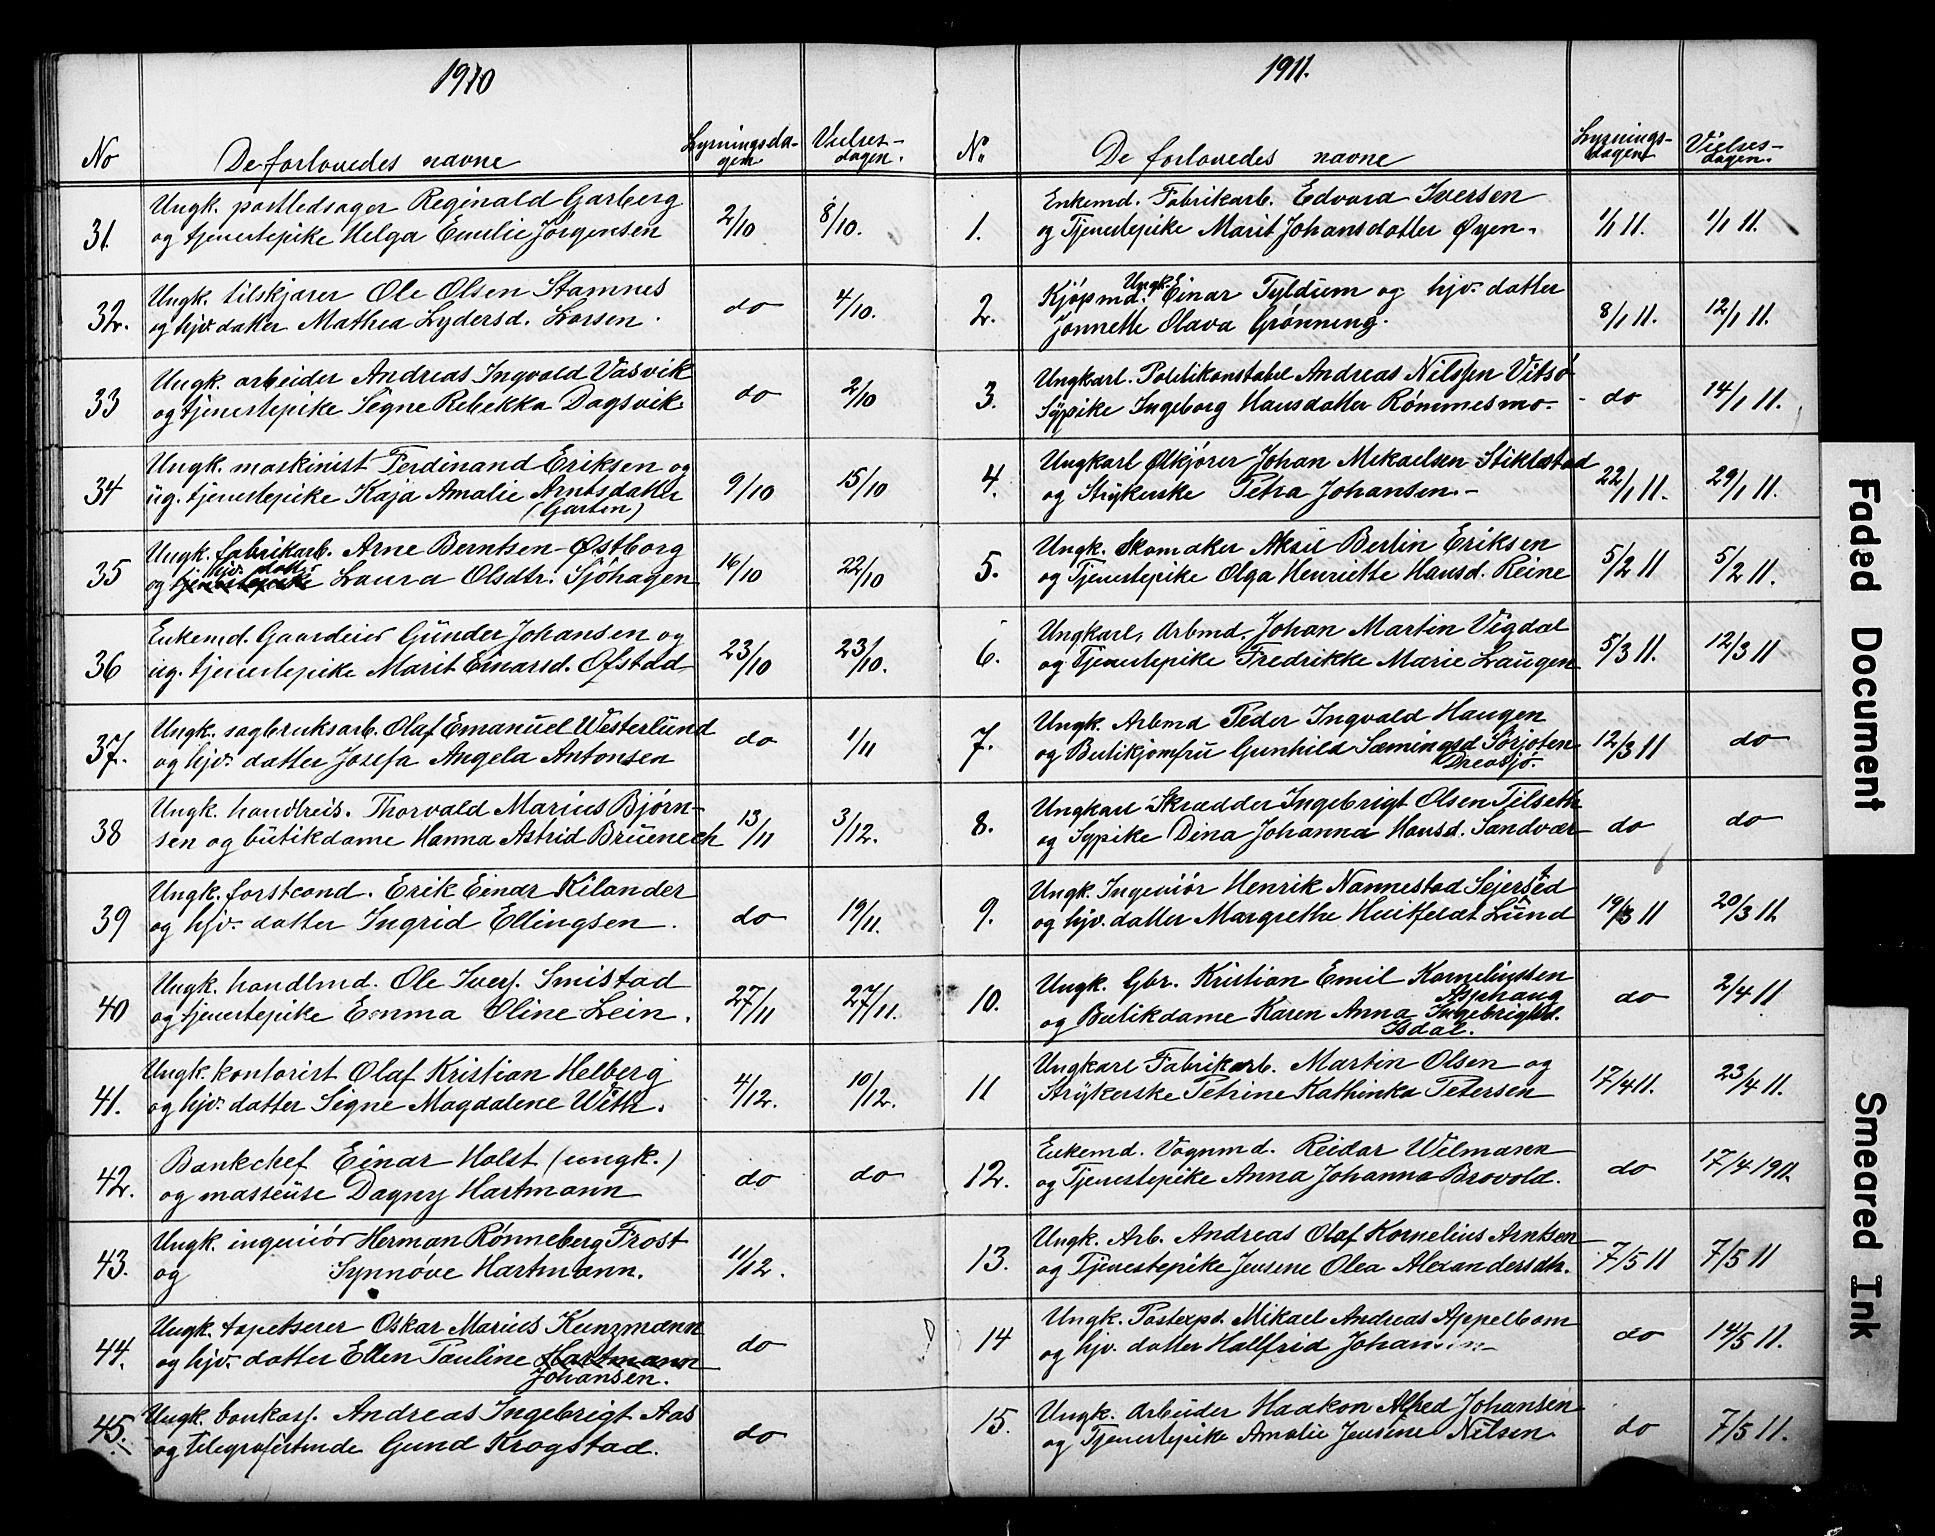 SAT, Ministerialprotokoller, klokkerbøker og fødselsregistre - Sør-Trøndelag, 601/L0059: Lysningsprotokoll nr. 601A27, 1870-1911